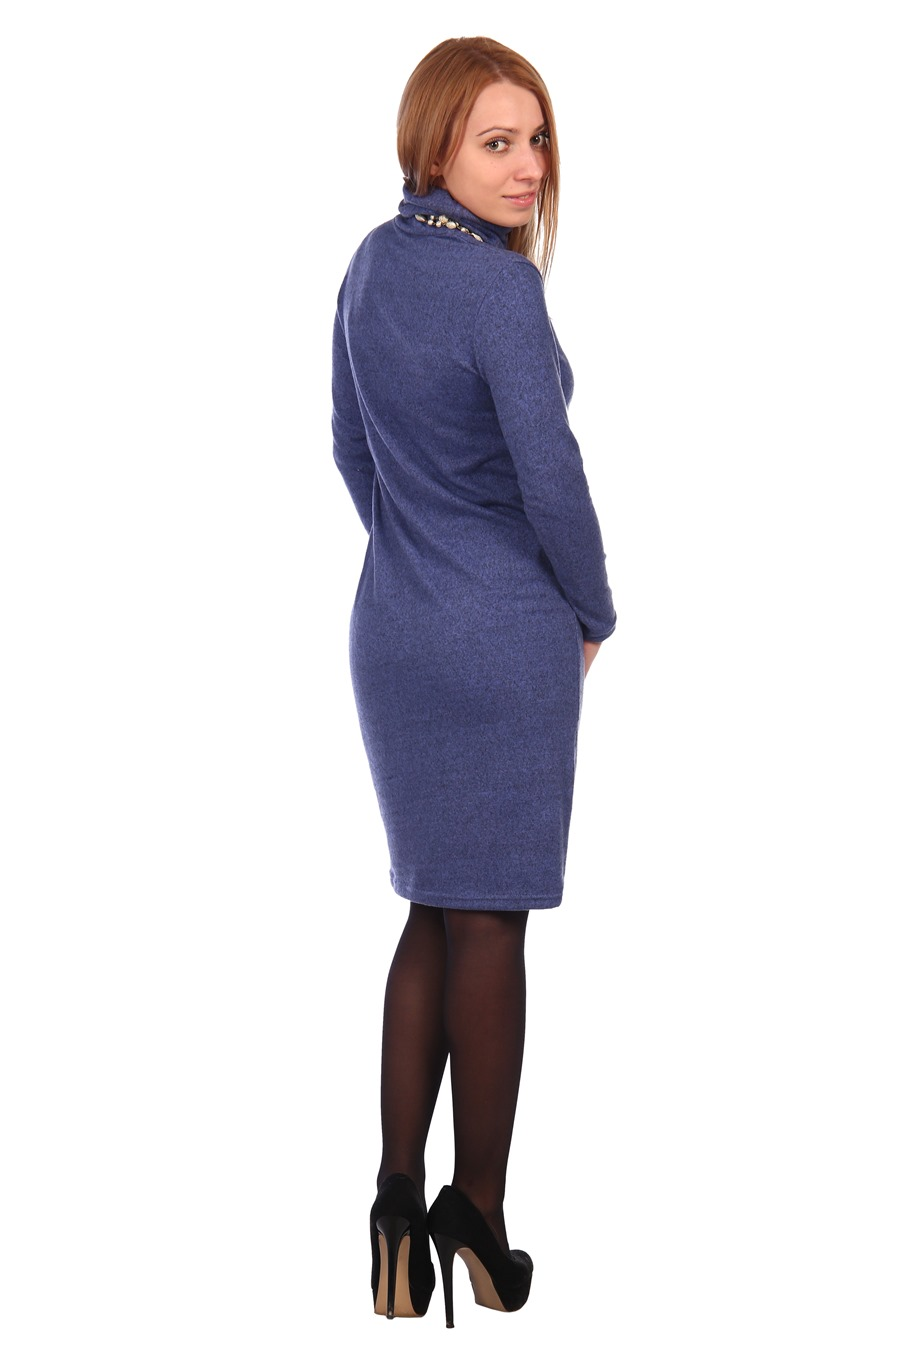 Жен. платье арт. 16-0448